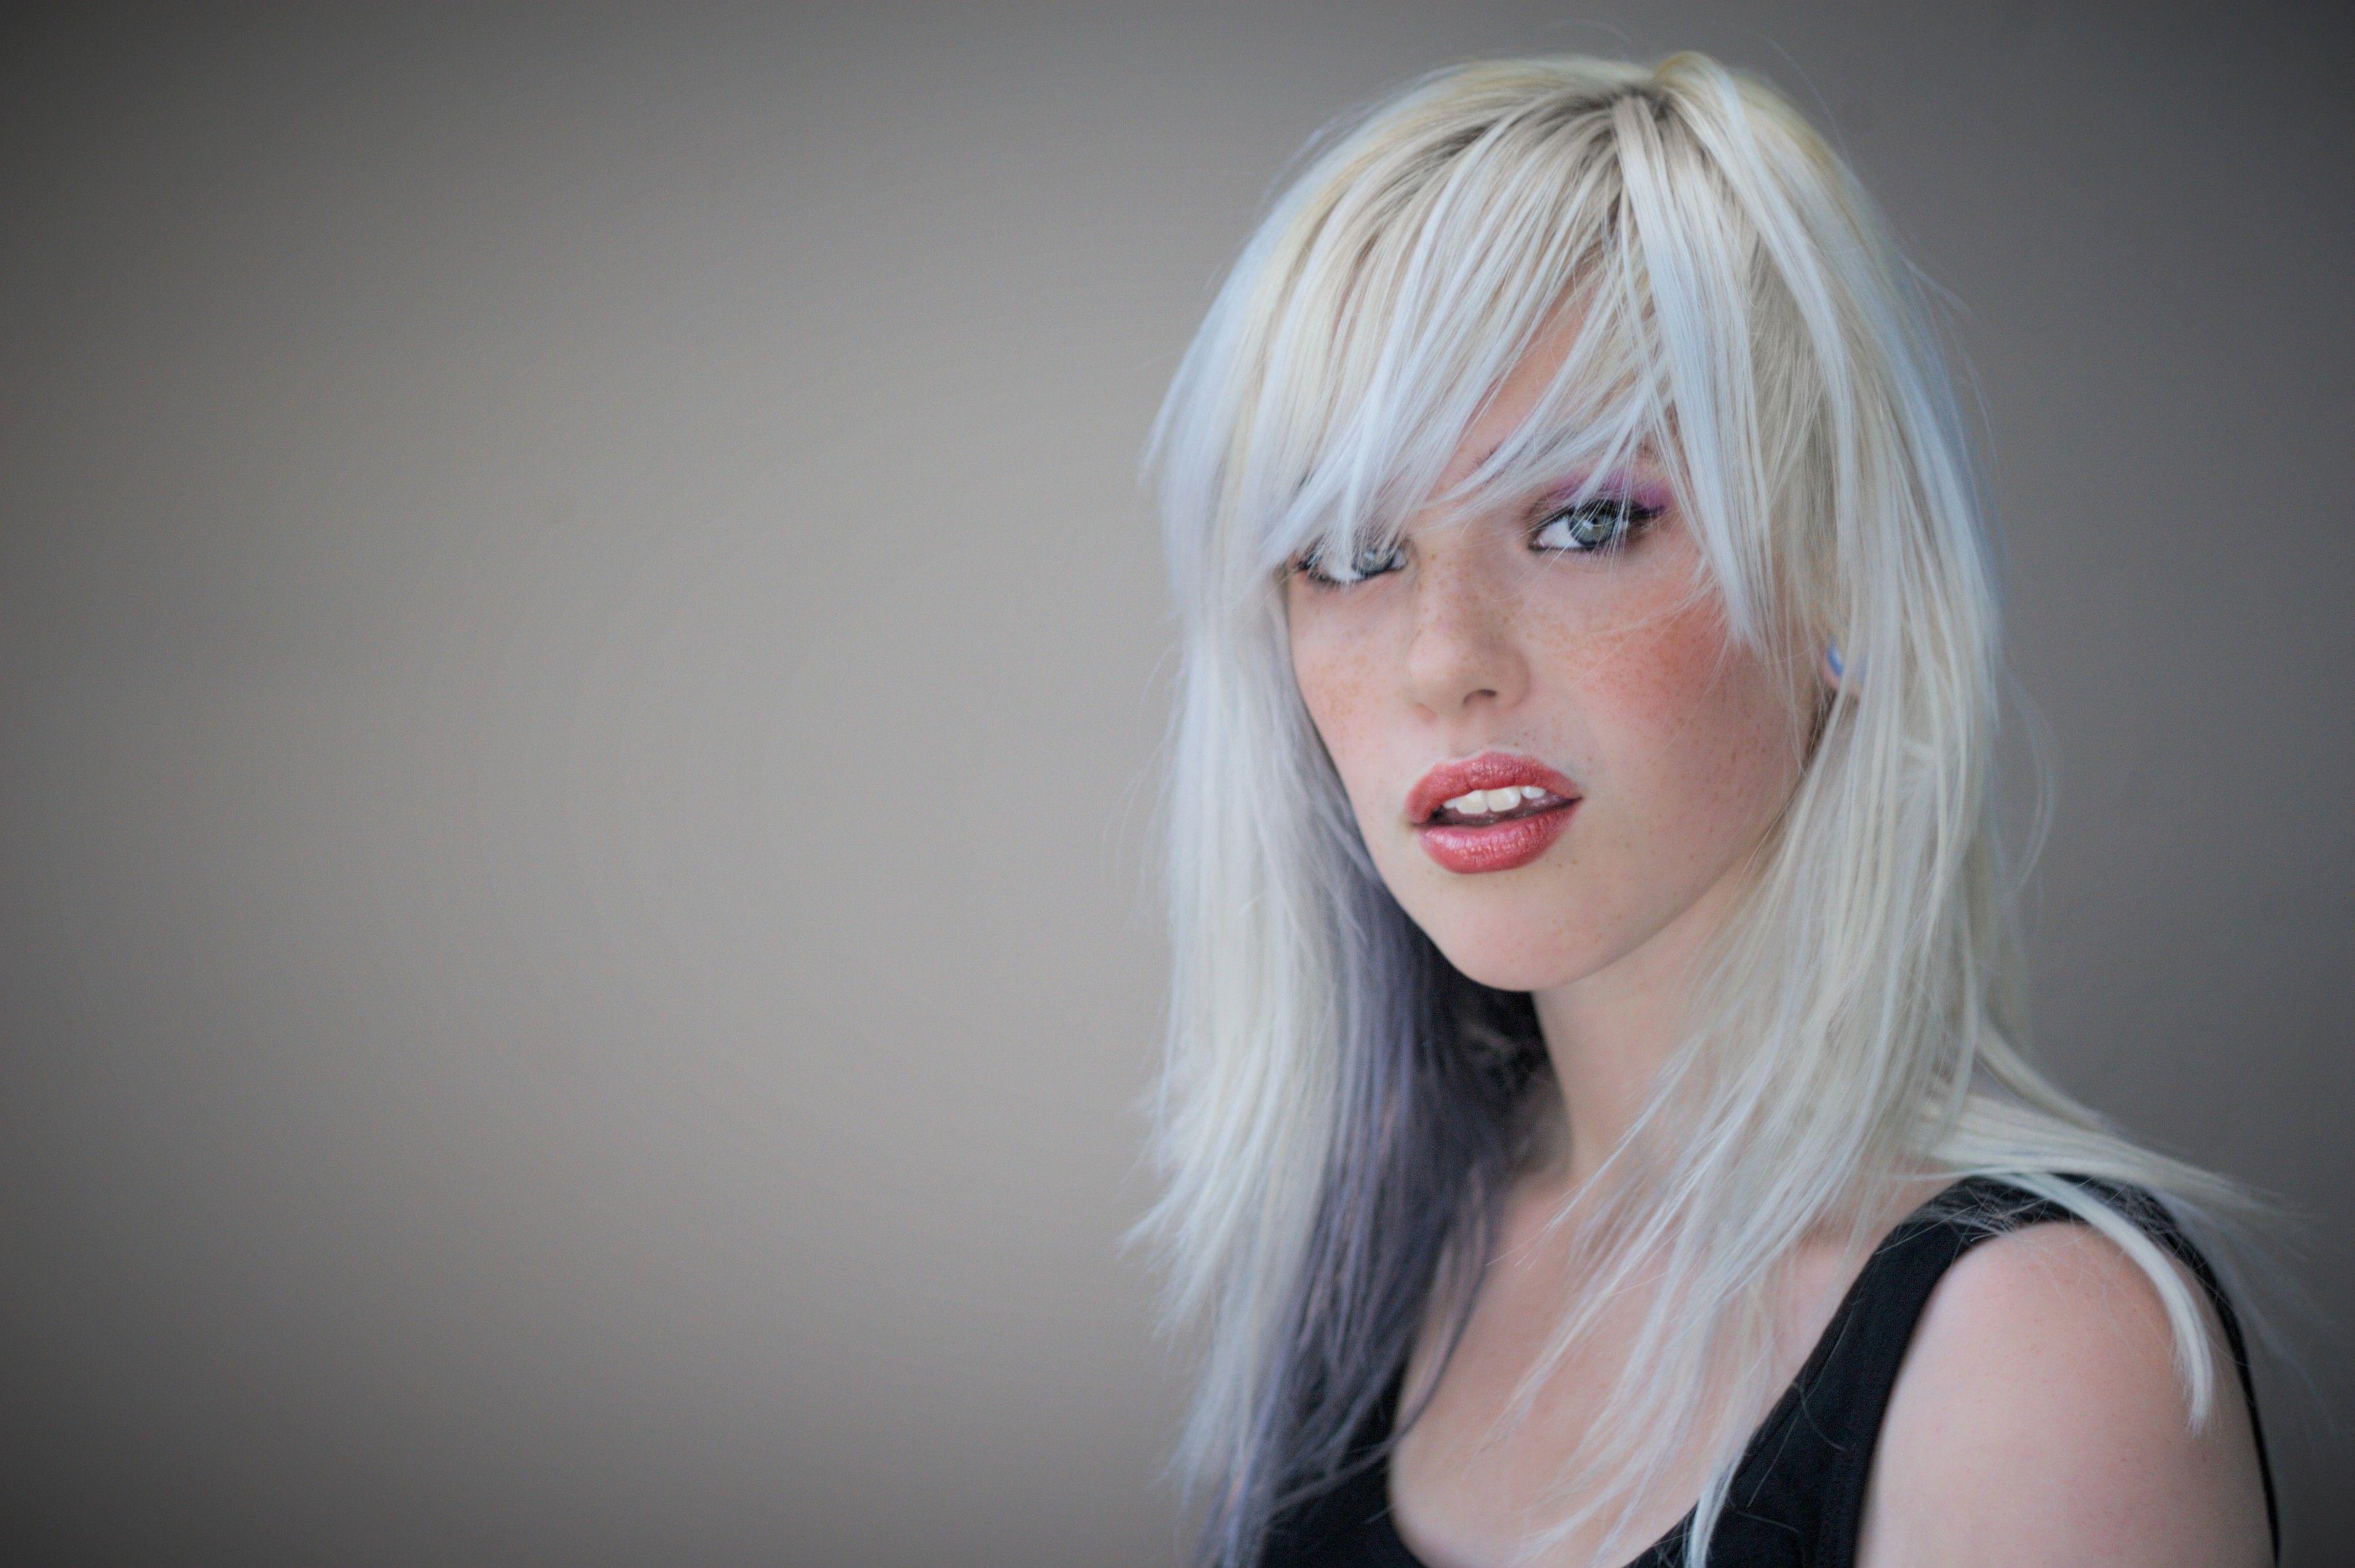 Innanzitutto andiamo dal nostro parrucchiere di fiducia e chiediamogli un  taglio che sia in grado di coprire i capelli bianchi che sono cresciuti  sulla ... a6b604967043